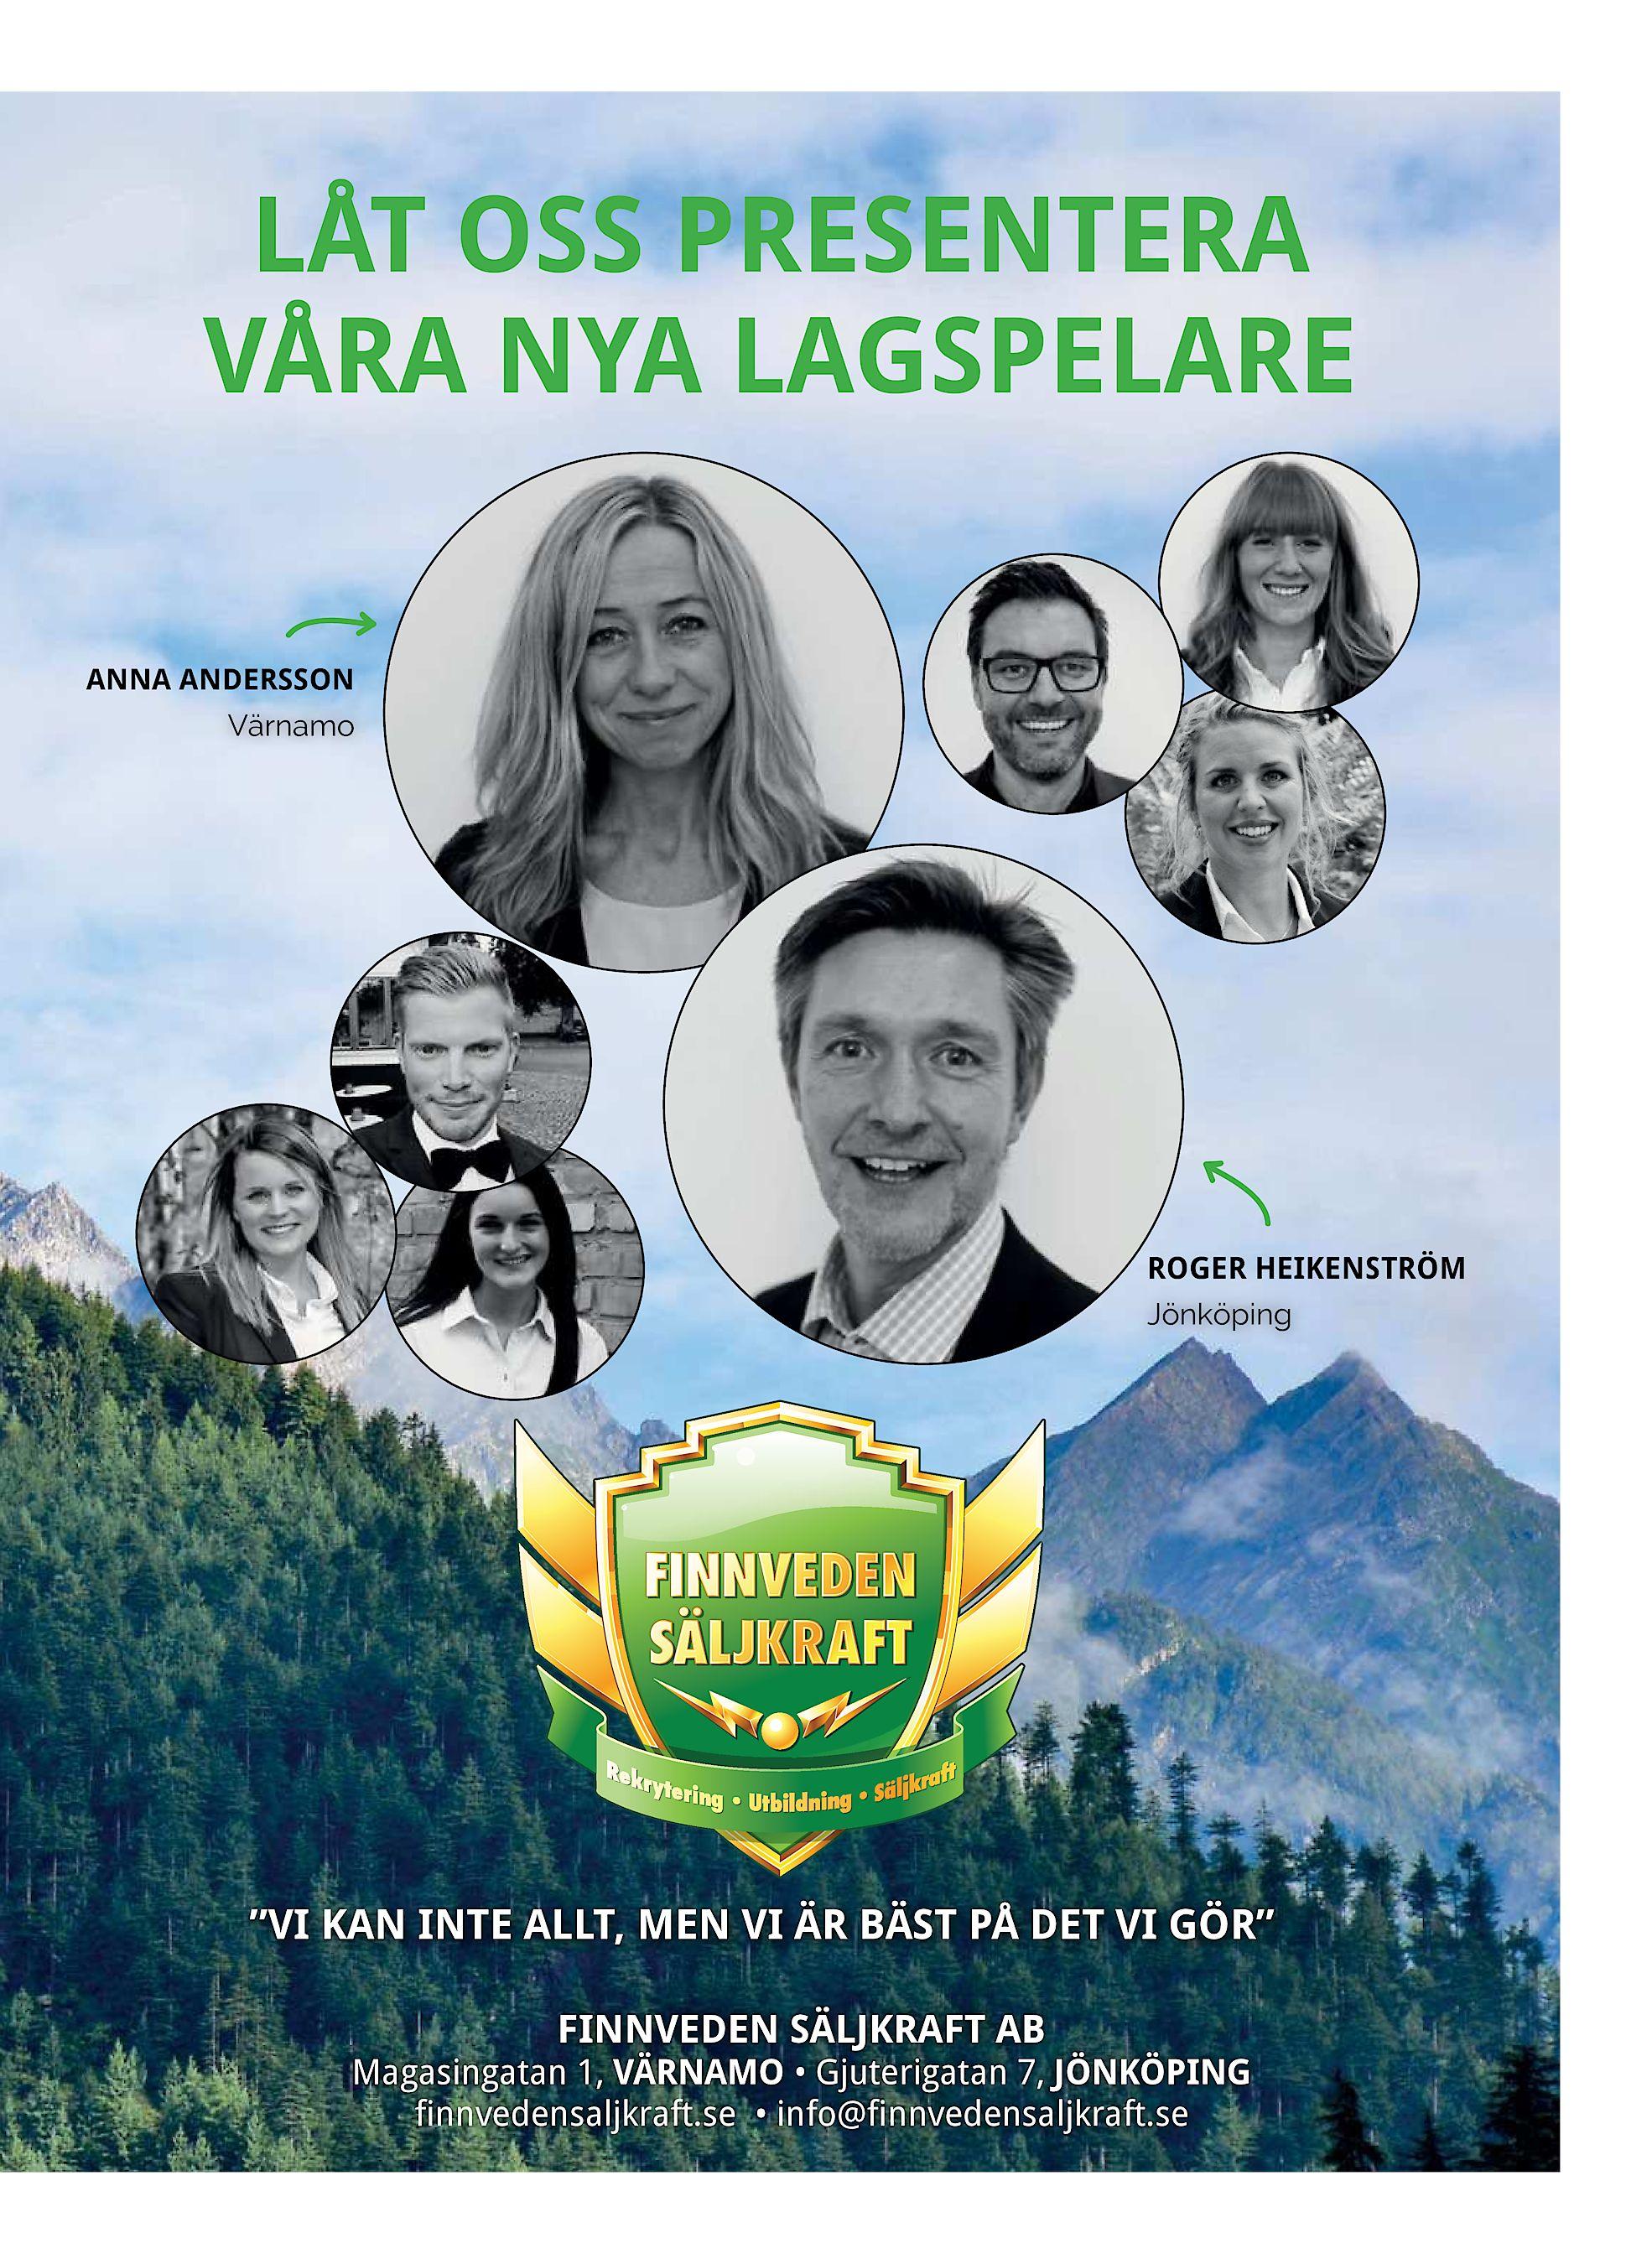 mötesplatsen dejting jönköping